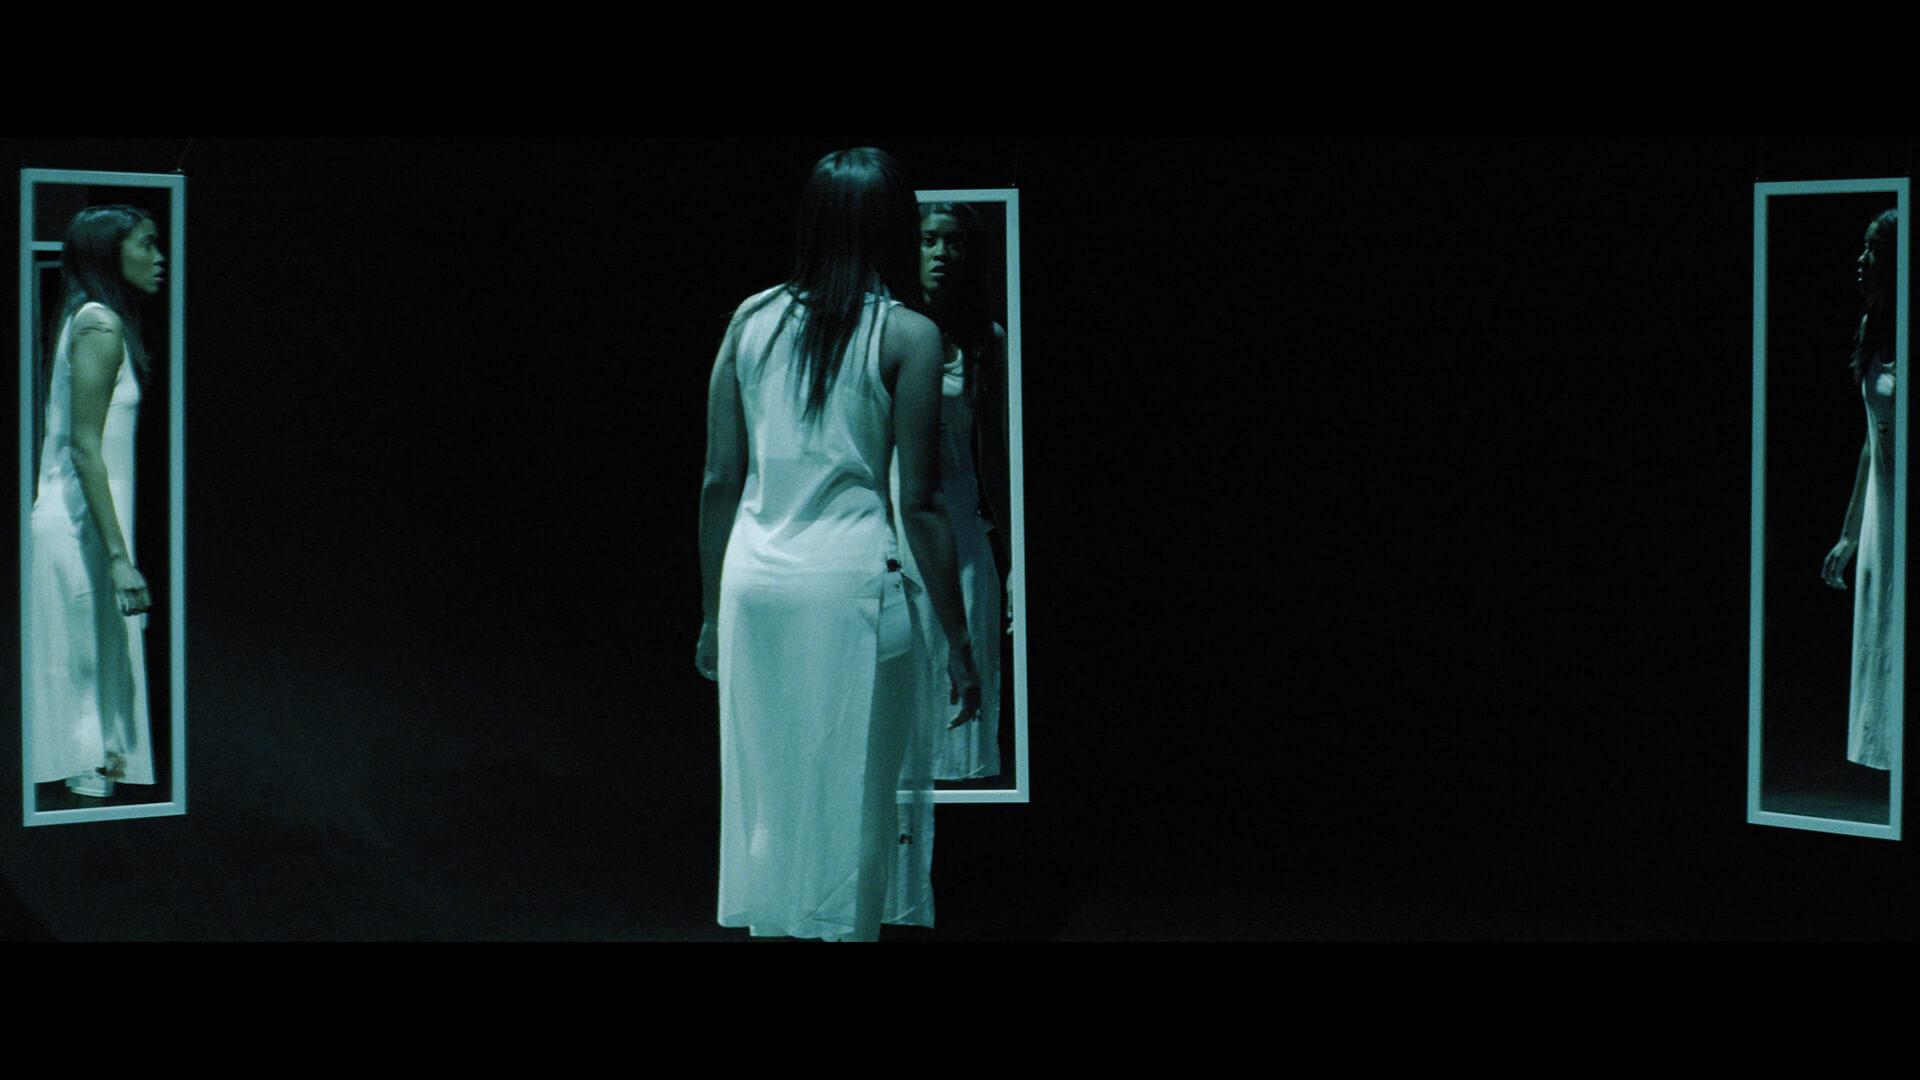 Mirror - Still Image